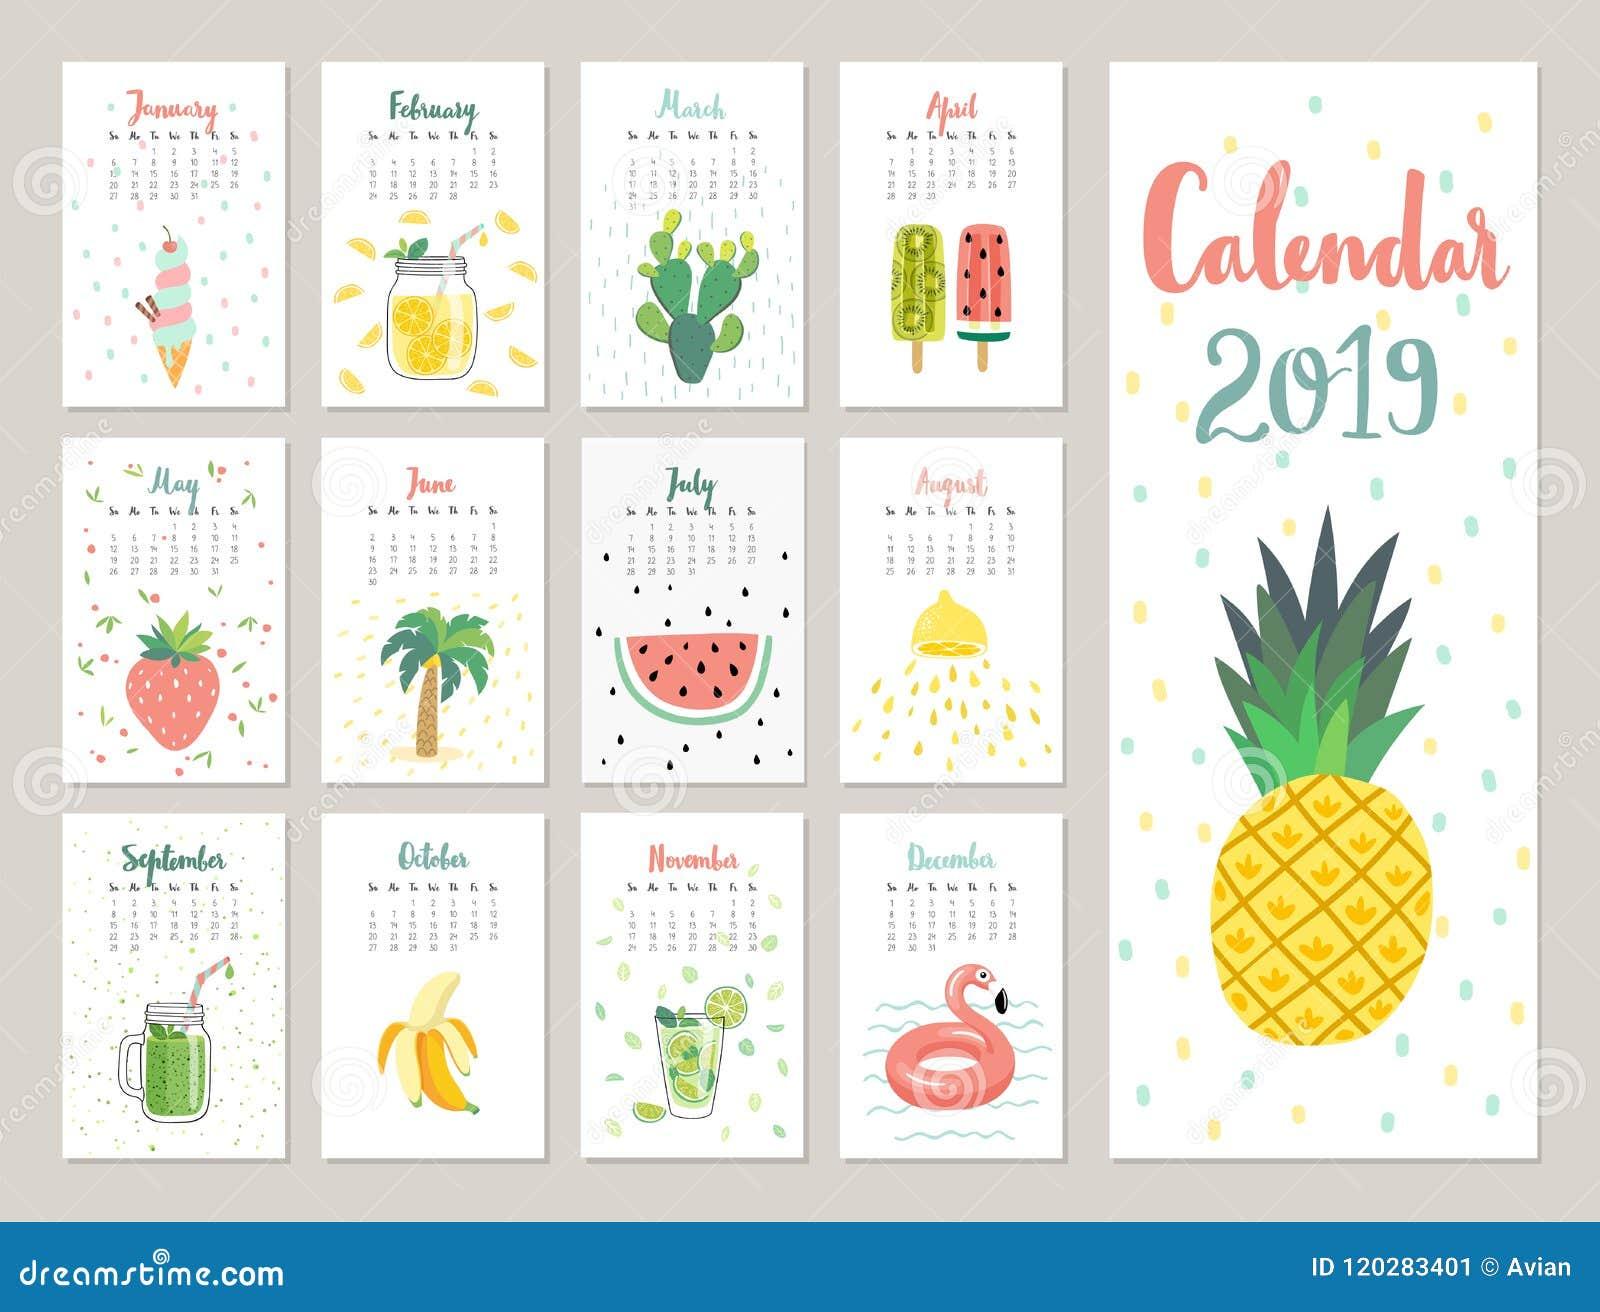 Calendario 2019 Calendario Mensual Lindo Con Los Objetos ...